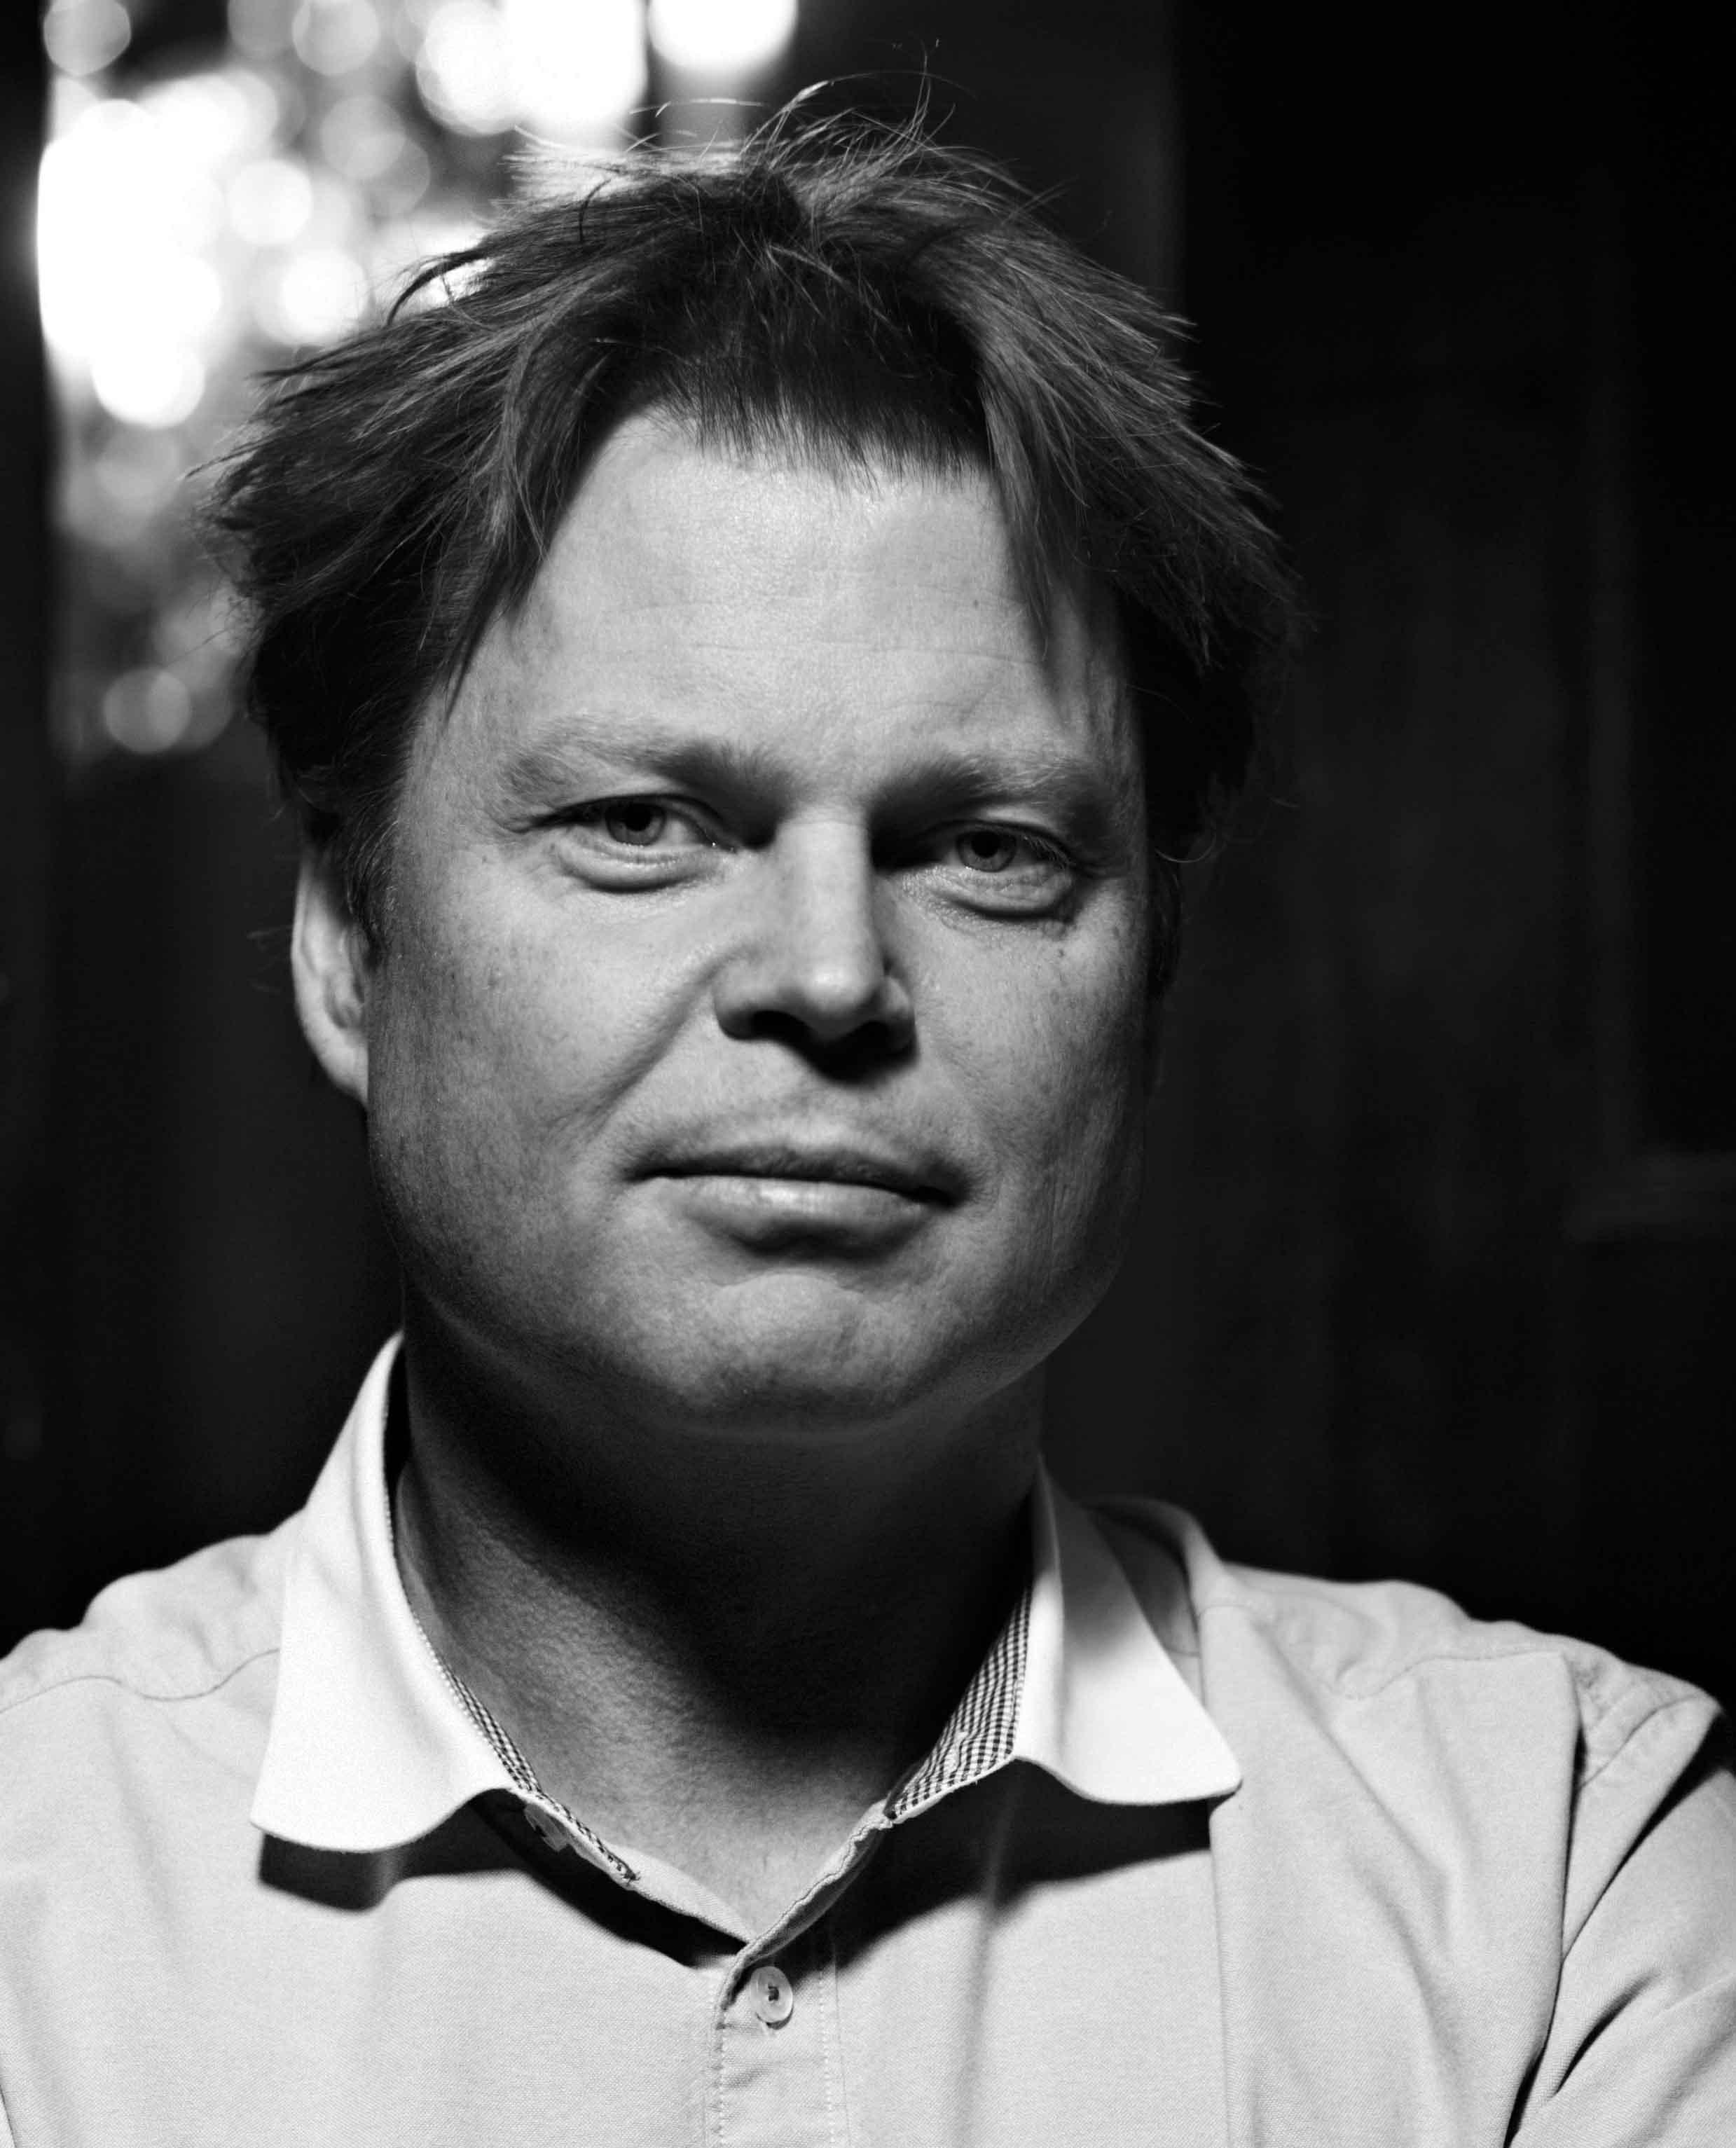 Major new Norwegian drama series: Jørn Lier Horst's Wisting